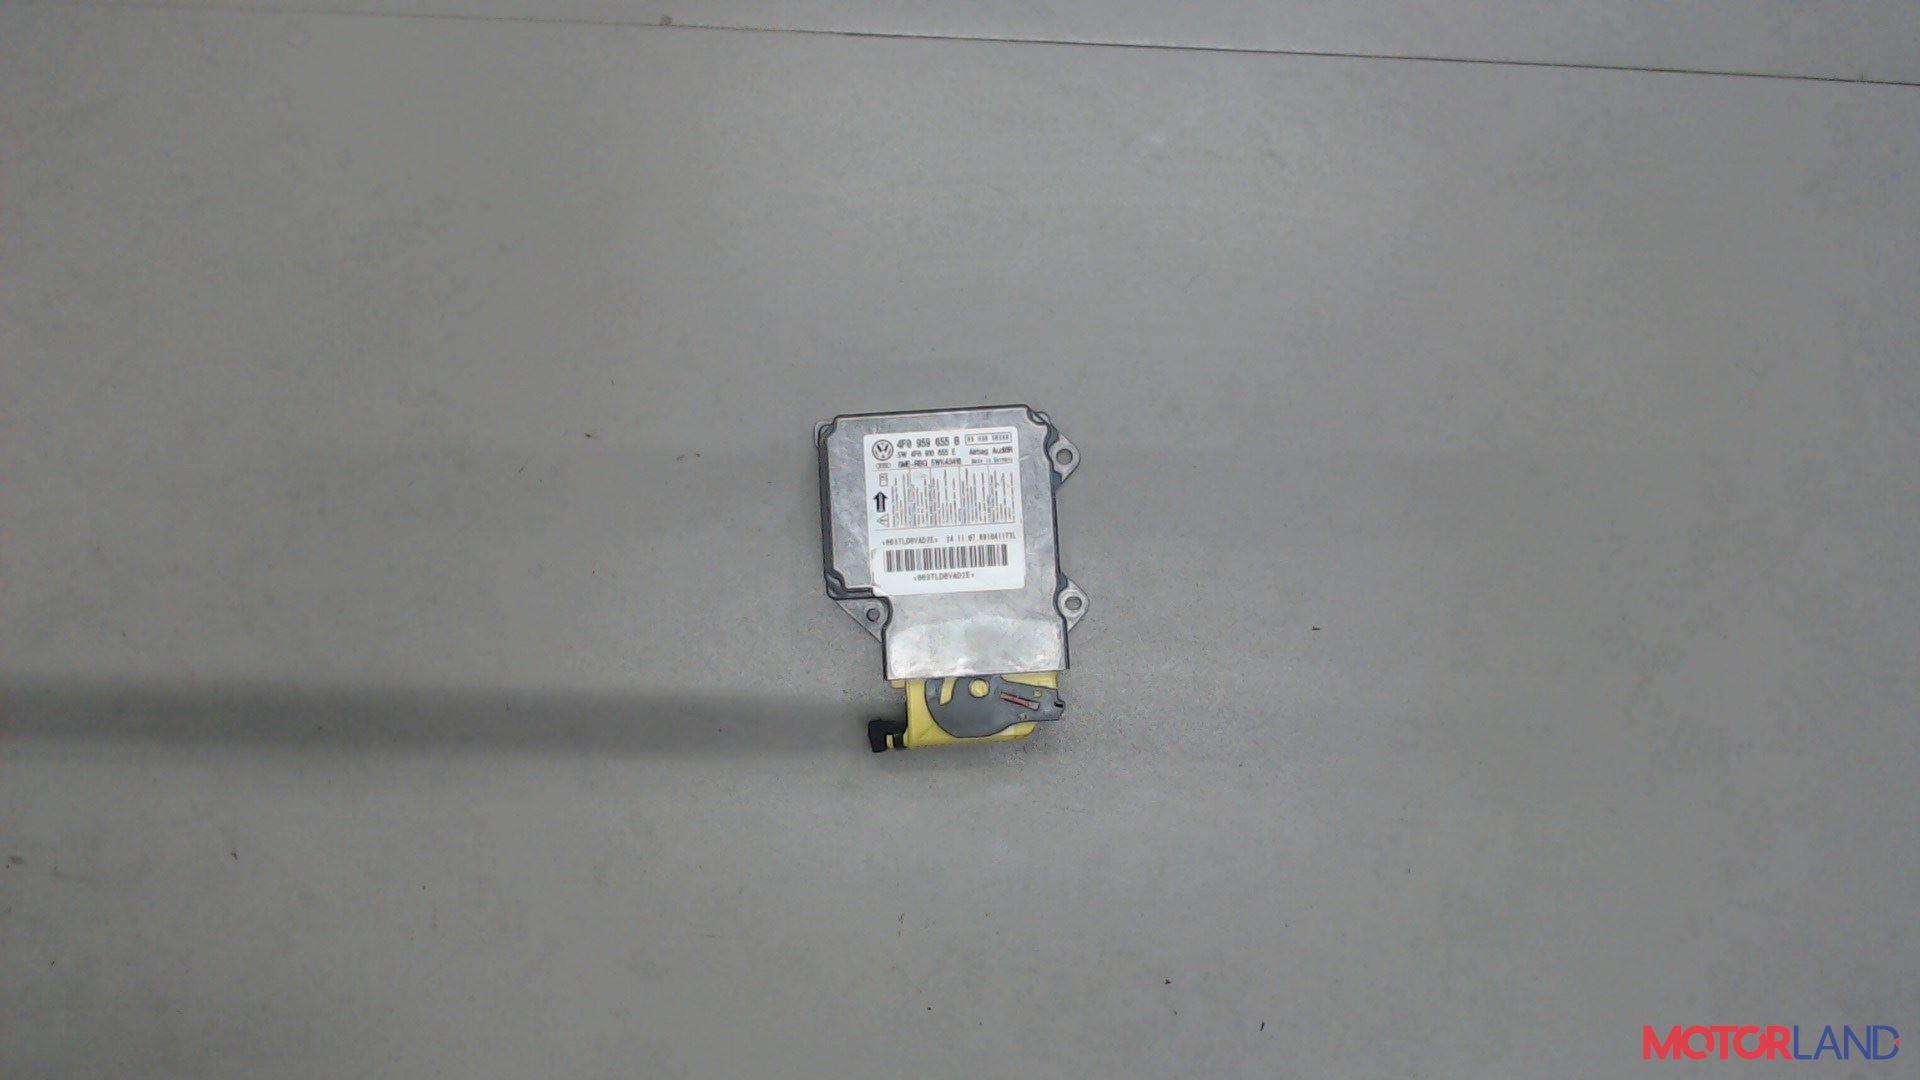 Блок управления (ЭБУ) Audi A6 (C6) 2005-2011 2 л. 2008 BRE б/у #1